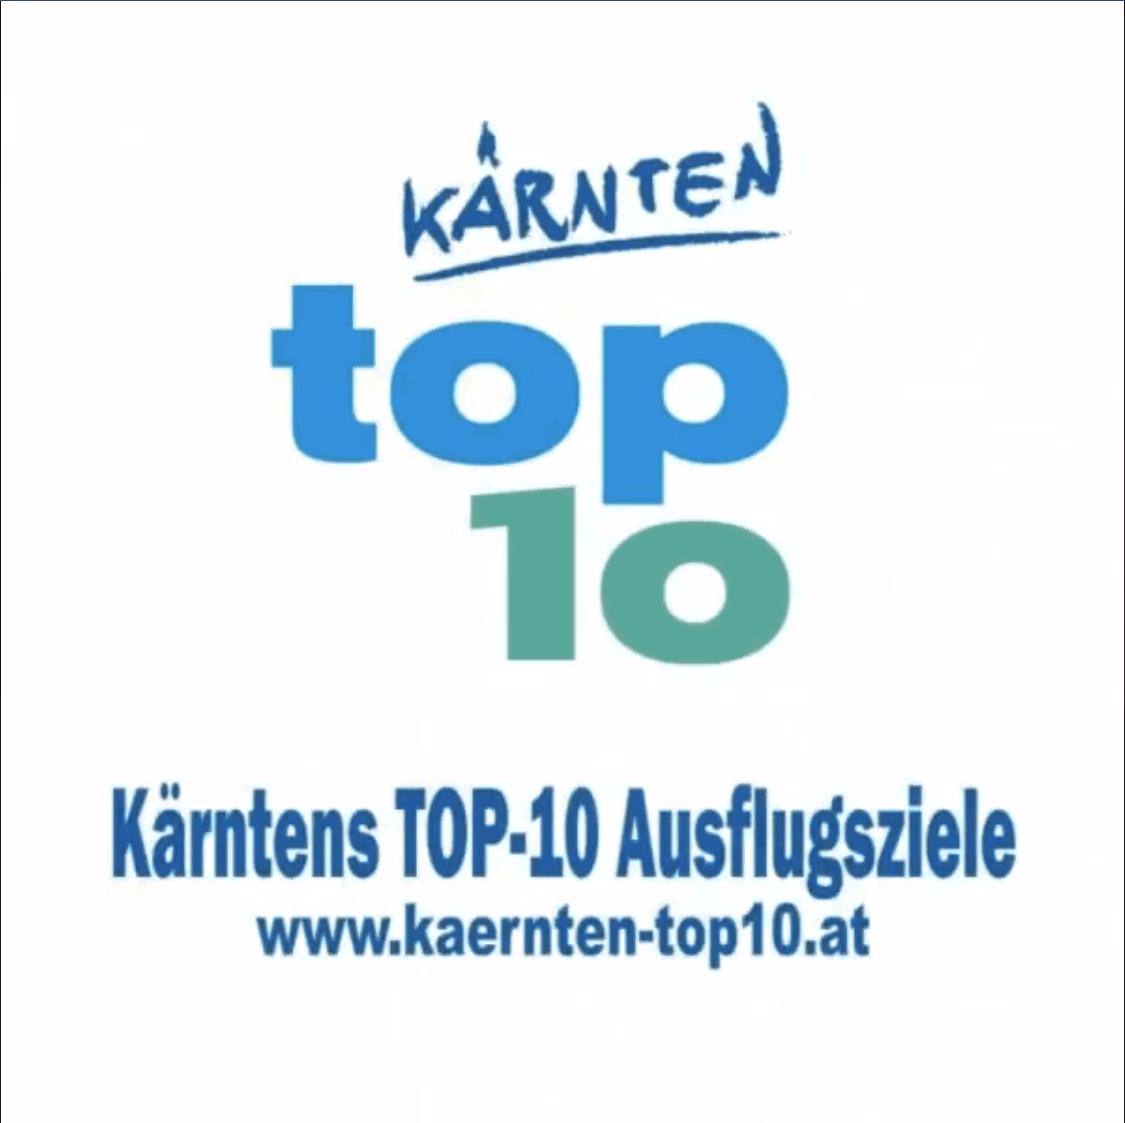 Ausflugsziele rund um den Millstätter See von Kärntens TOP-10 Ausflugsziele